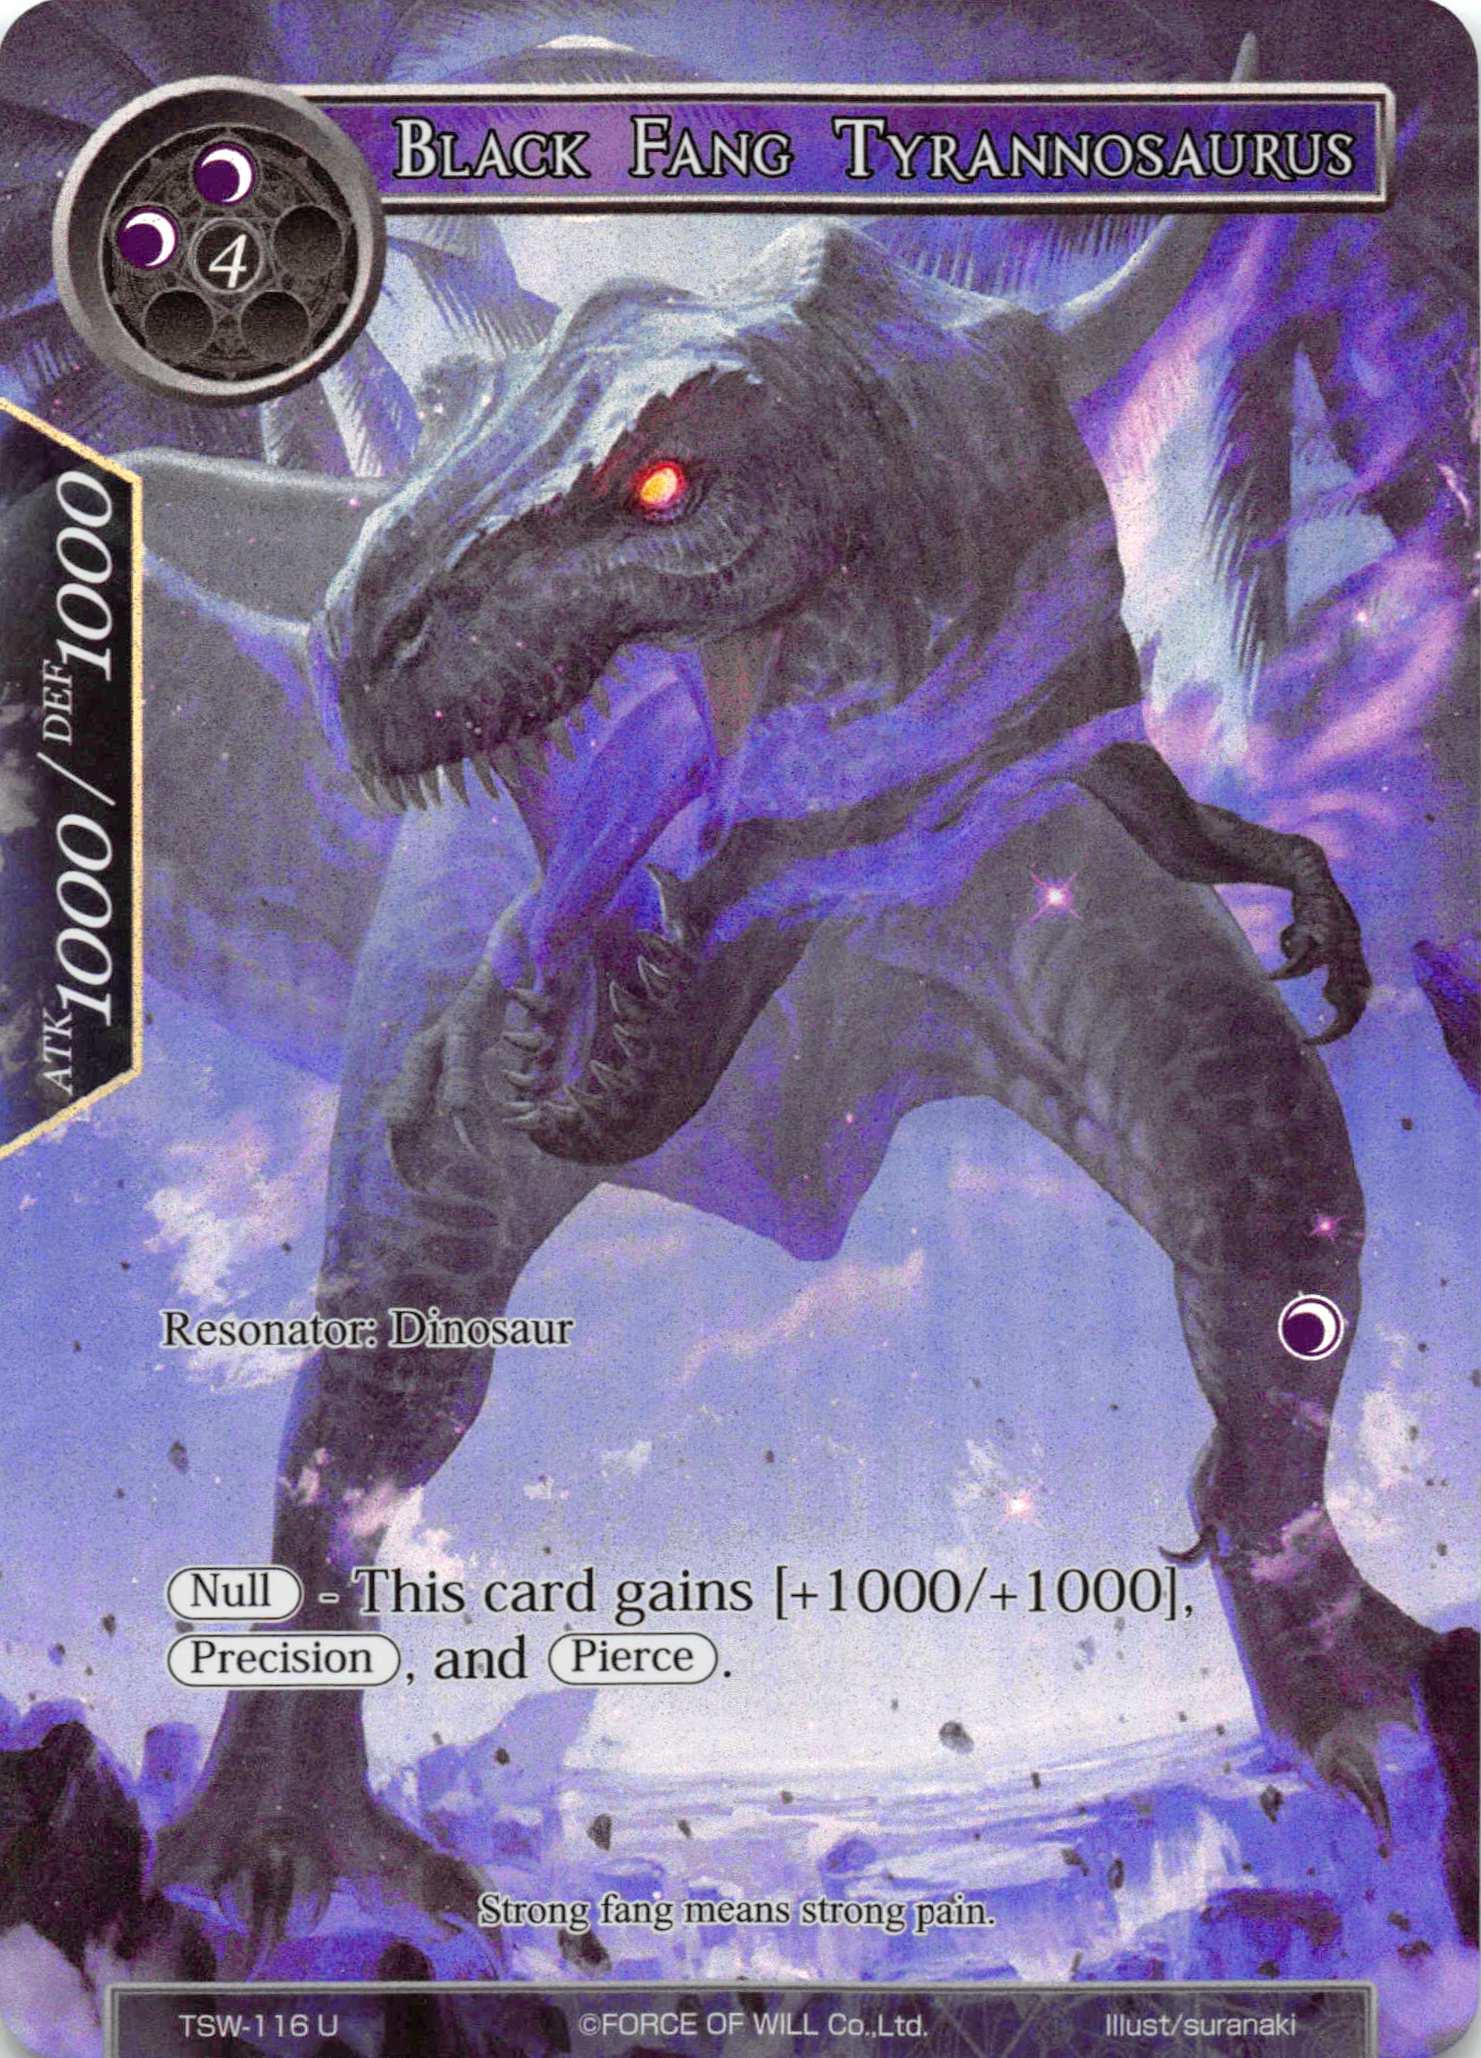 Black Fang Tyrannosaurus (Full Art) - TSW-116 - U